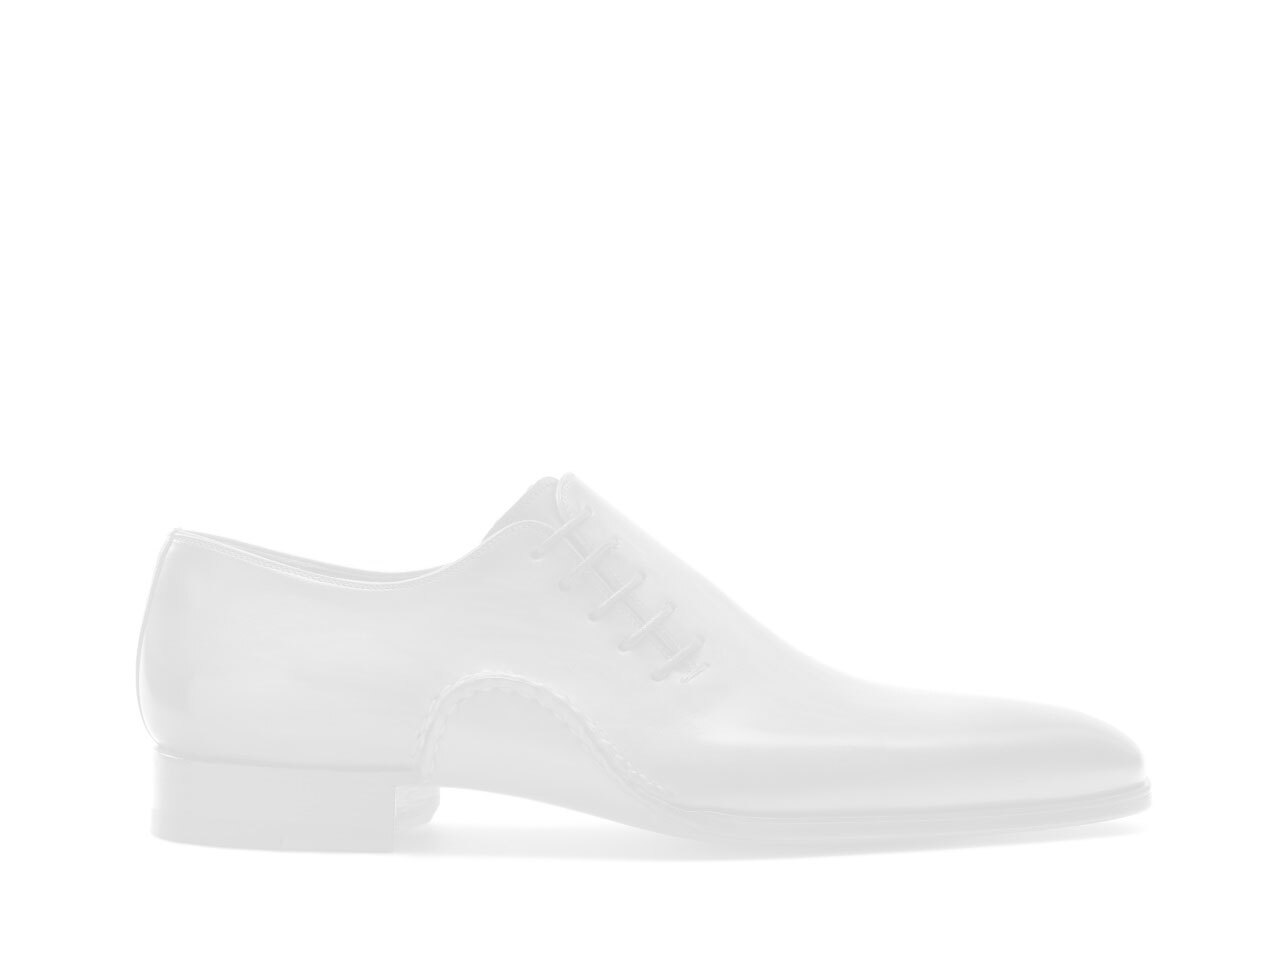 Sole of the Magnanni Lennon Cuero Men's Single Monk Strap Shoes